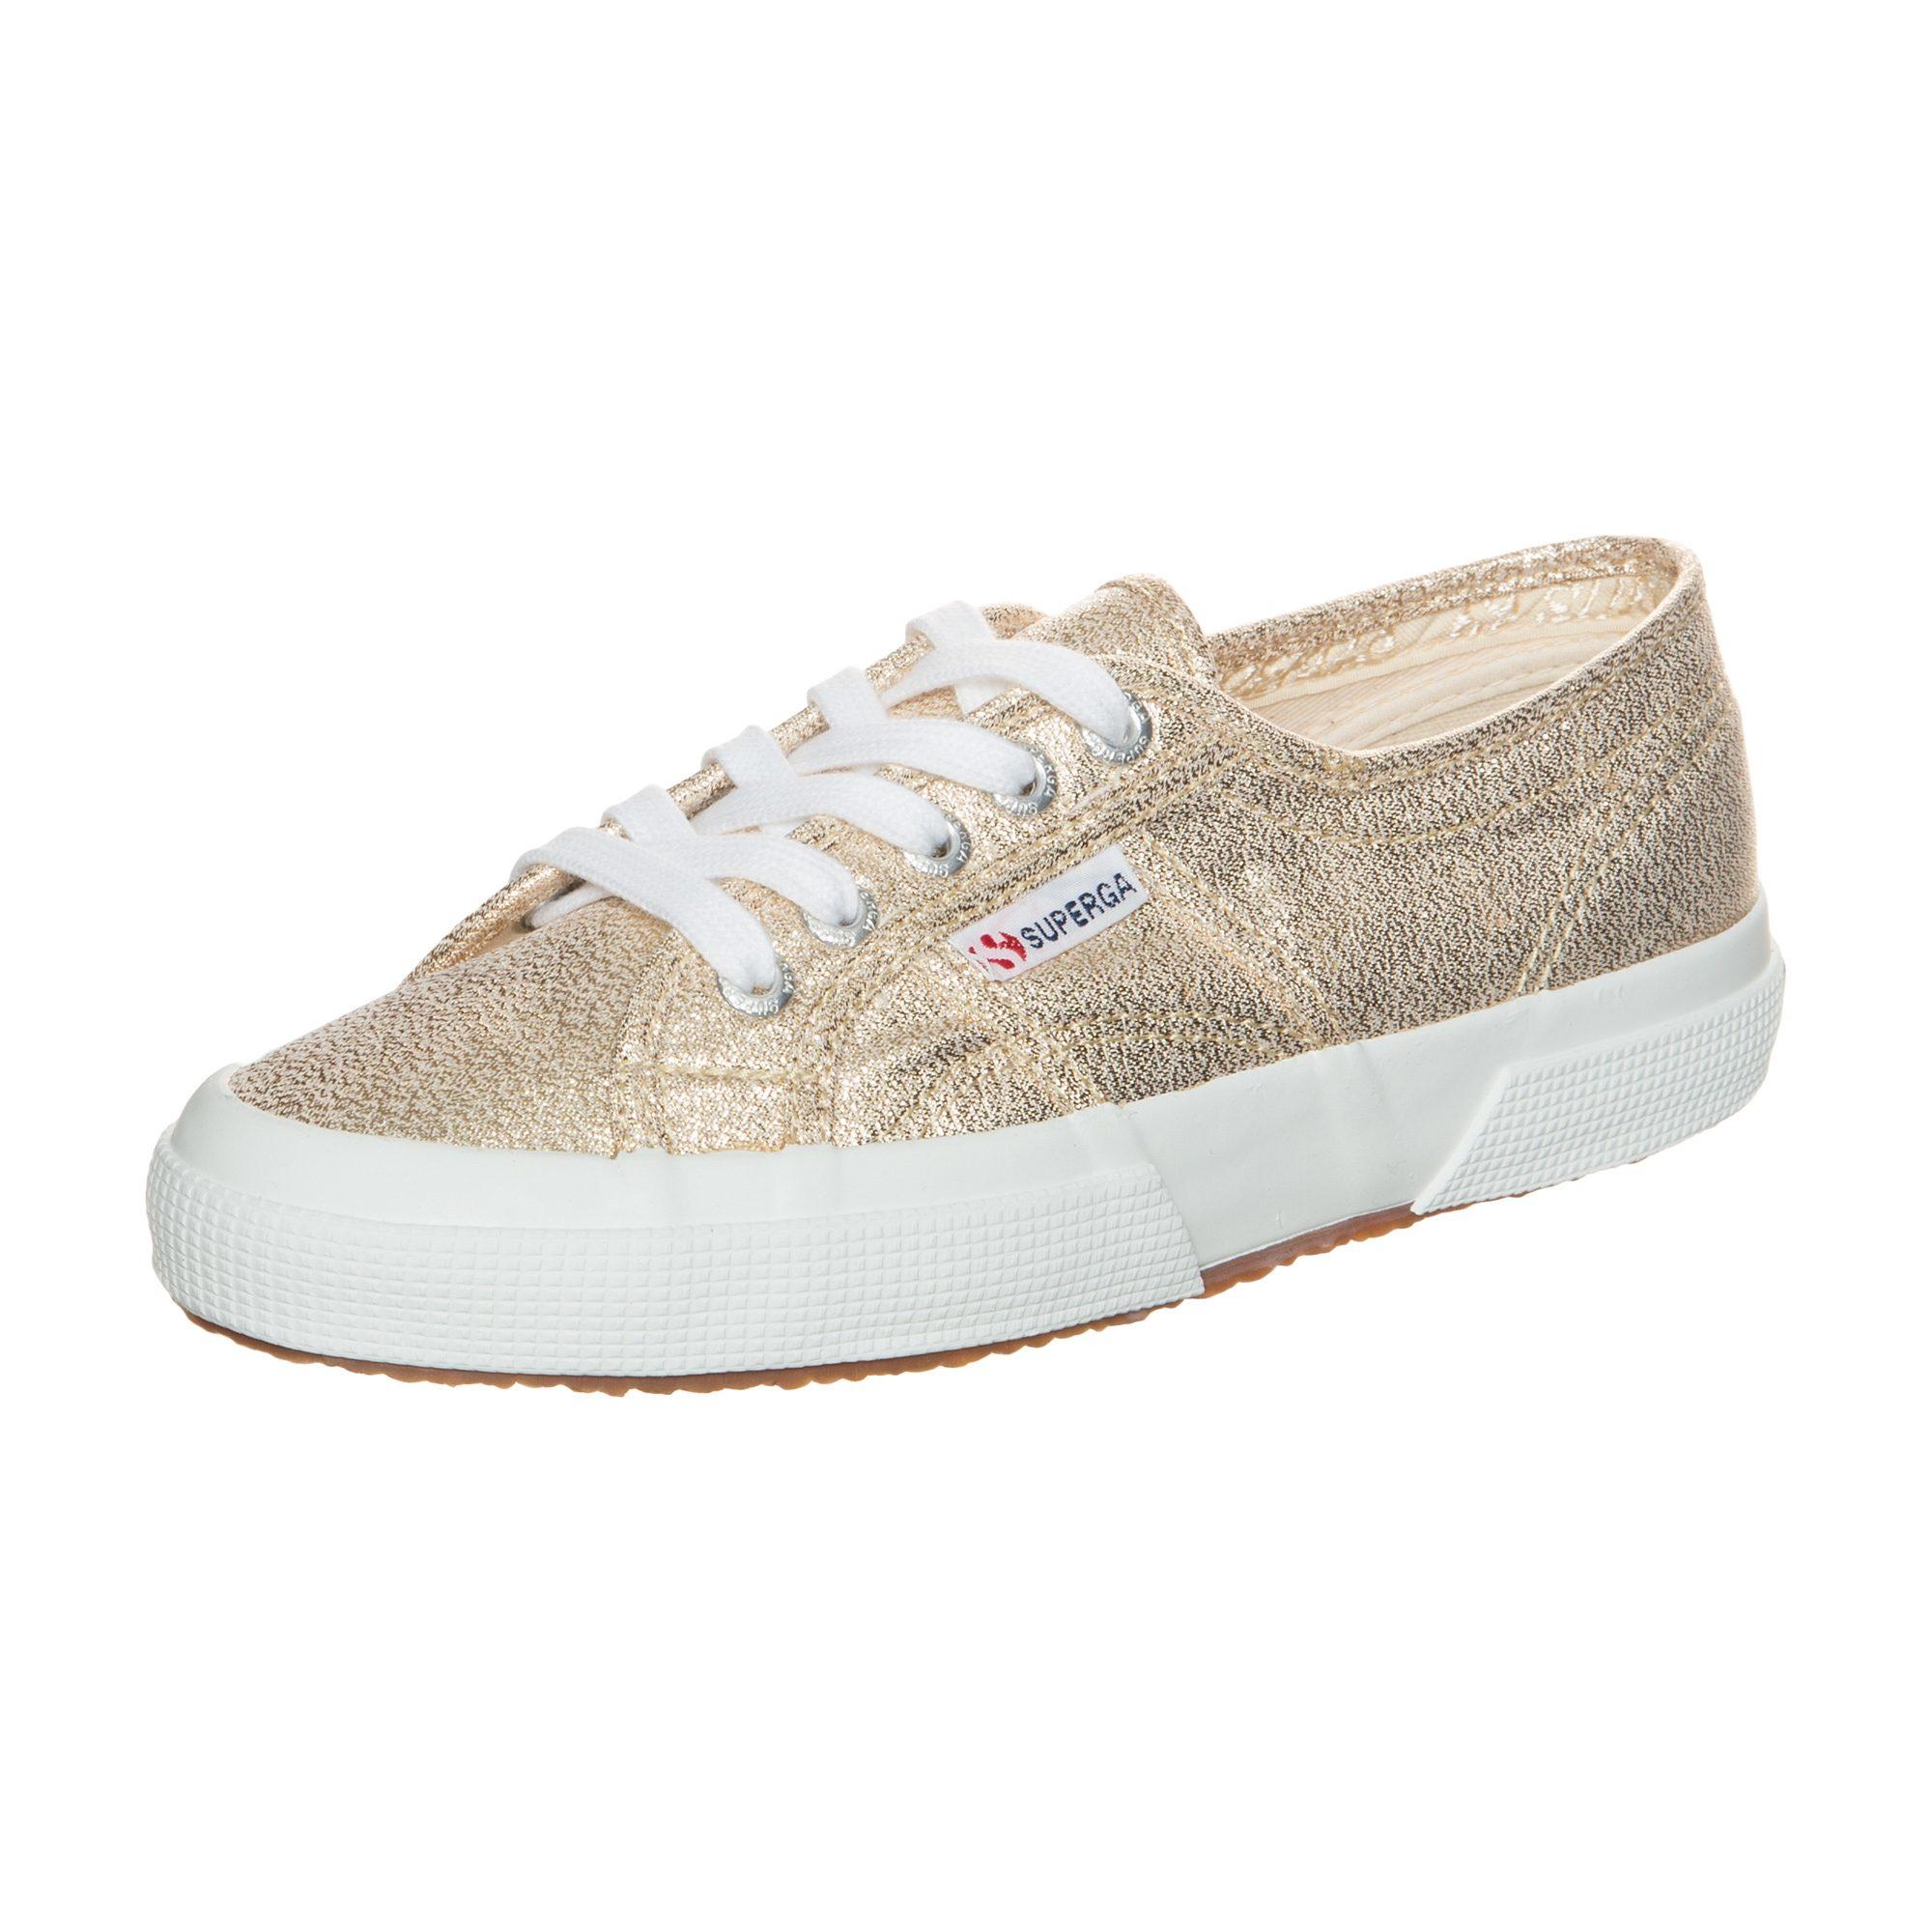 Superga 2750 Lamej Sneaker Kinder